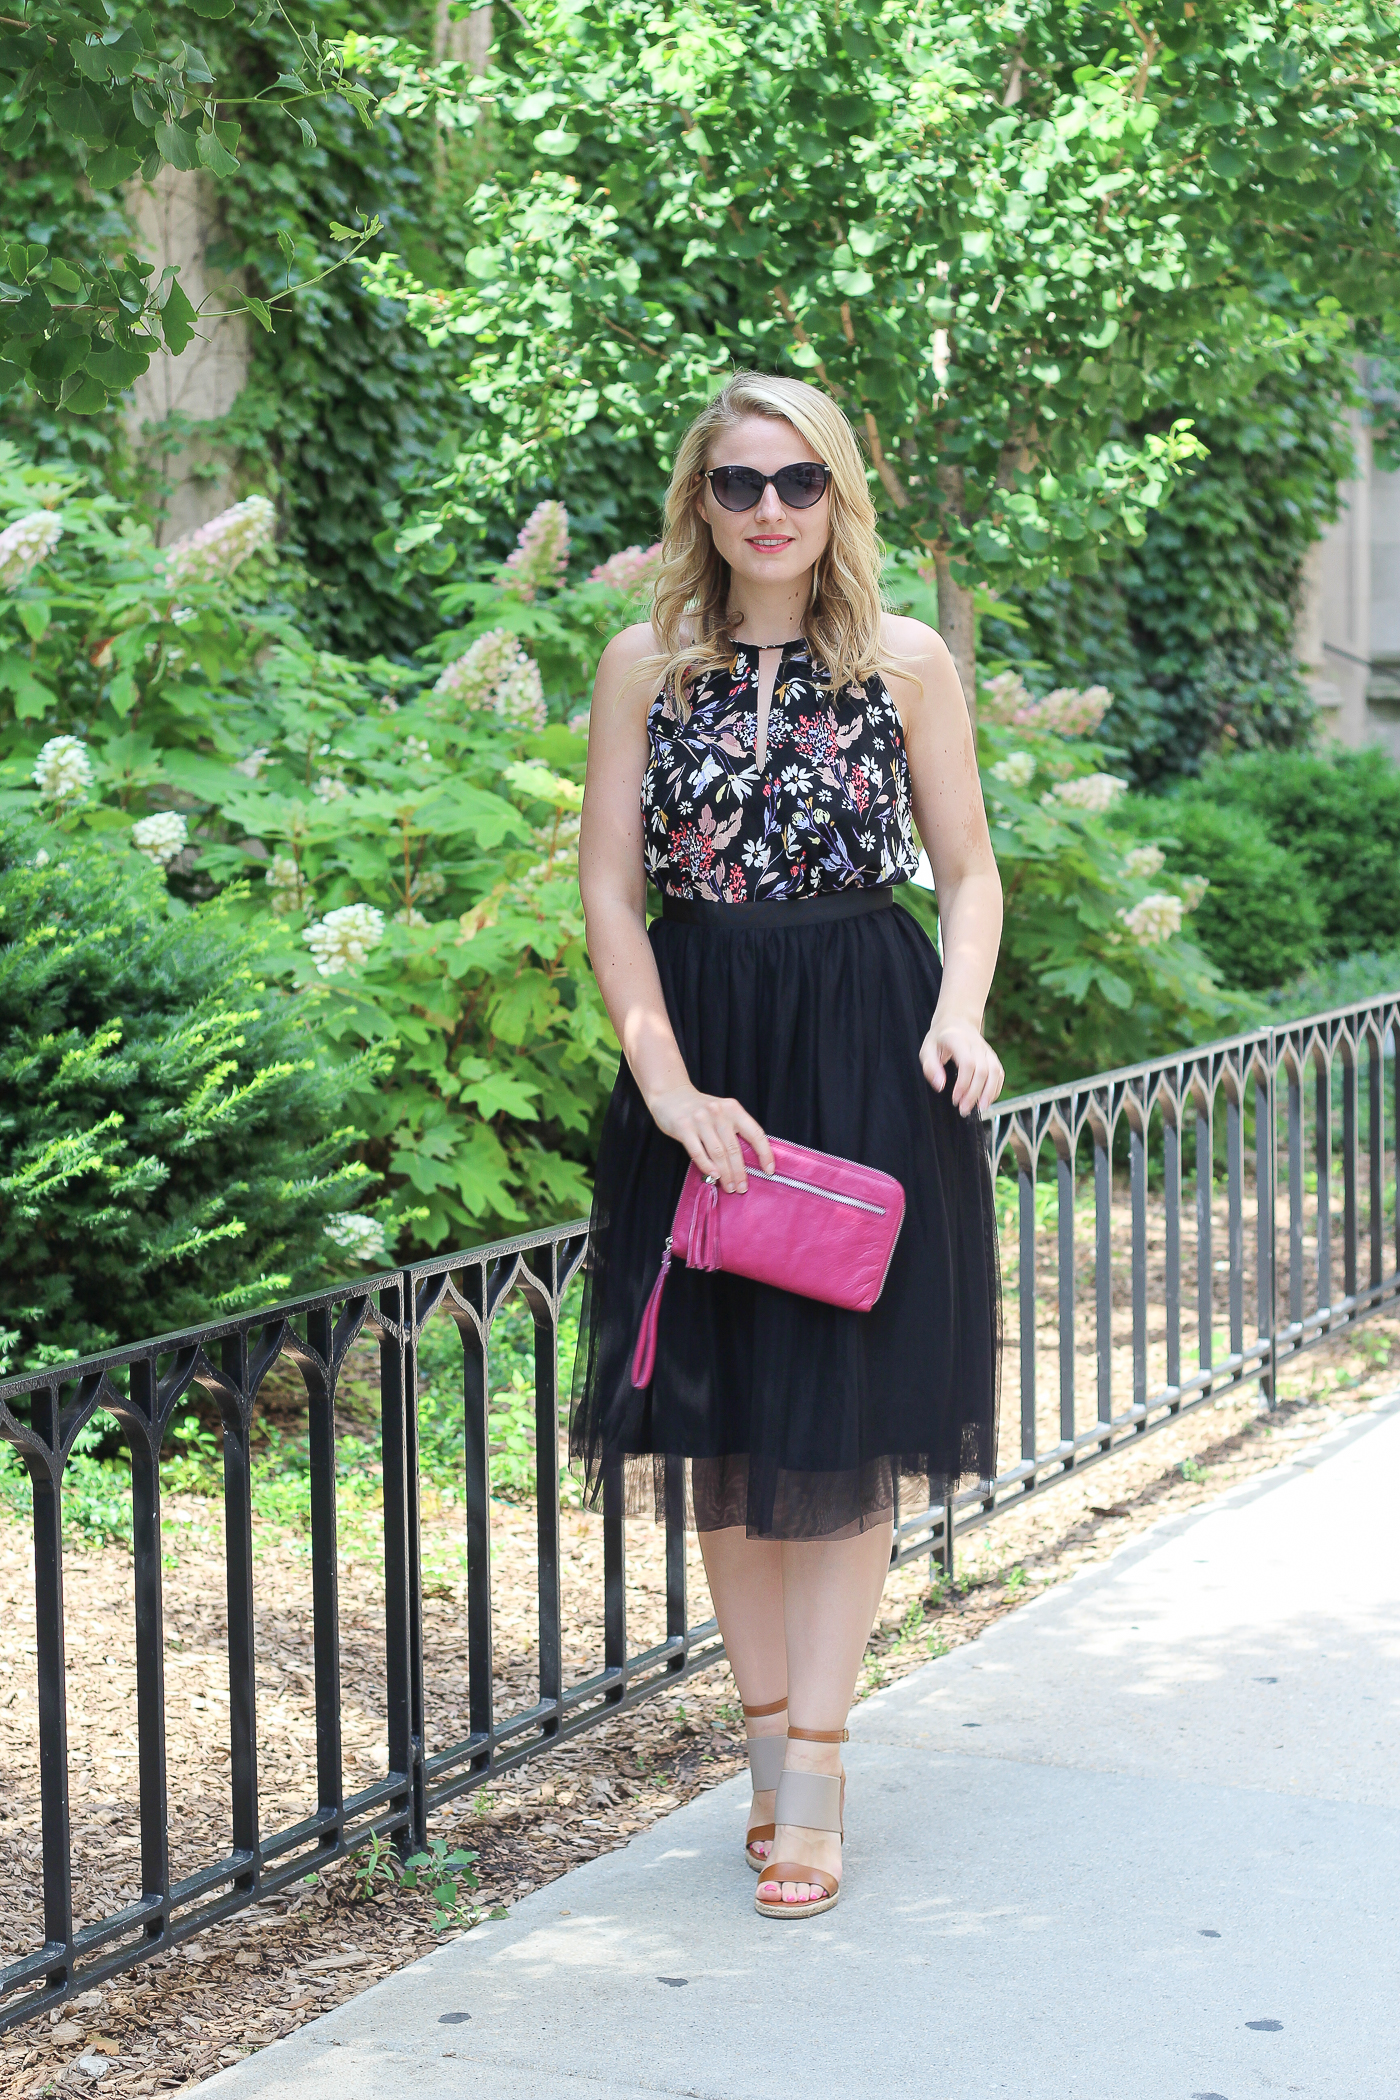 H&M Tulle Skirt for the Summer